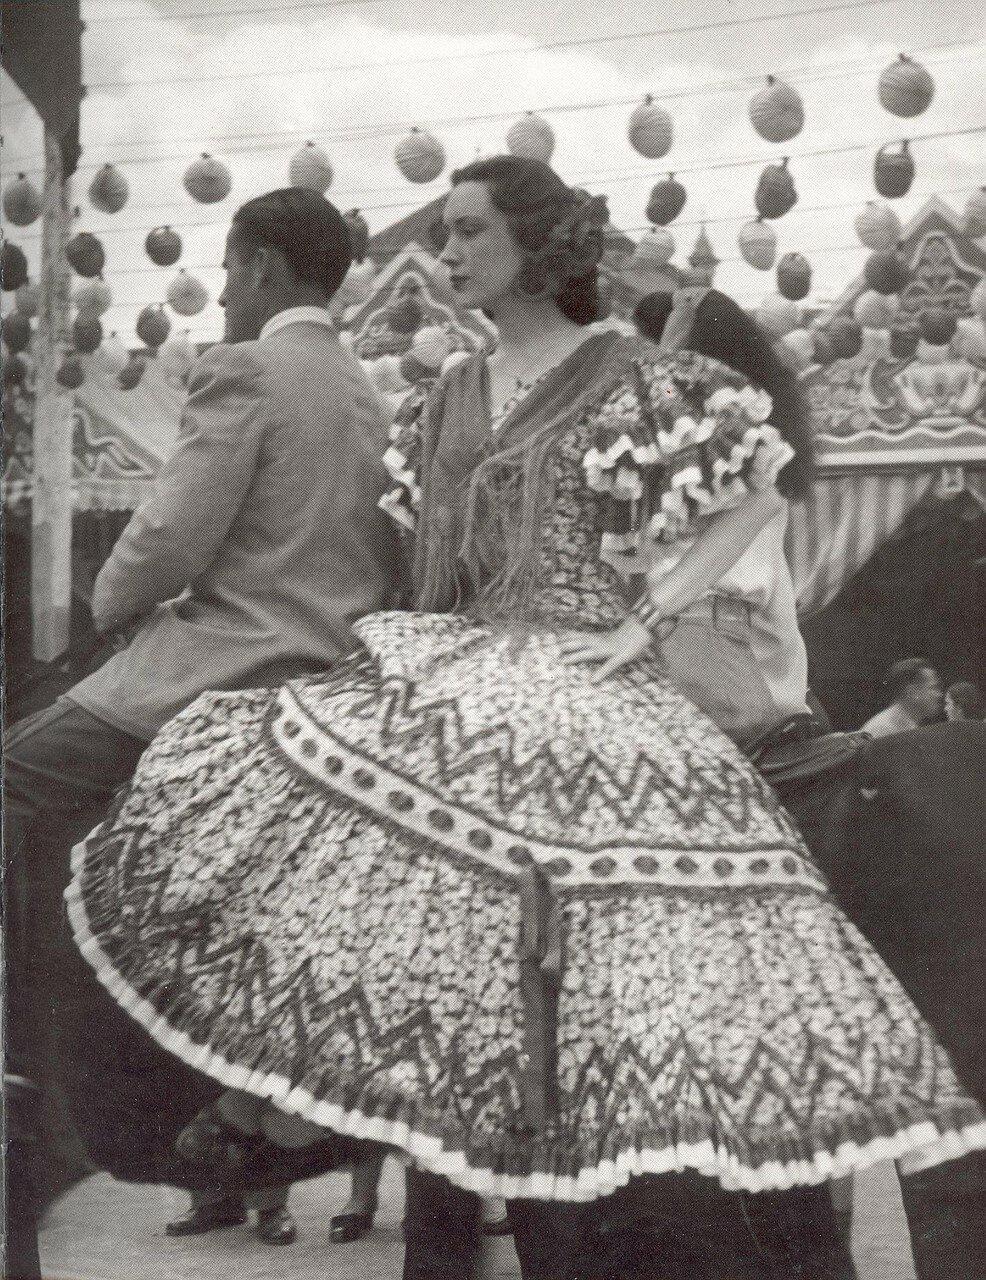 1951. Праздник в Севилье